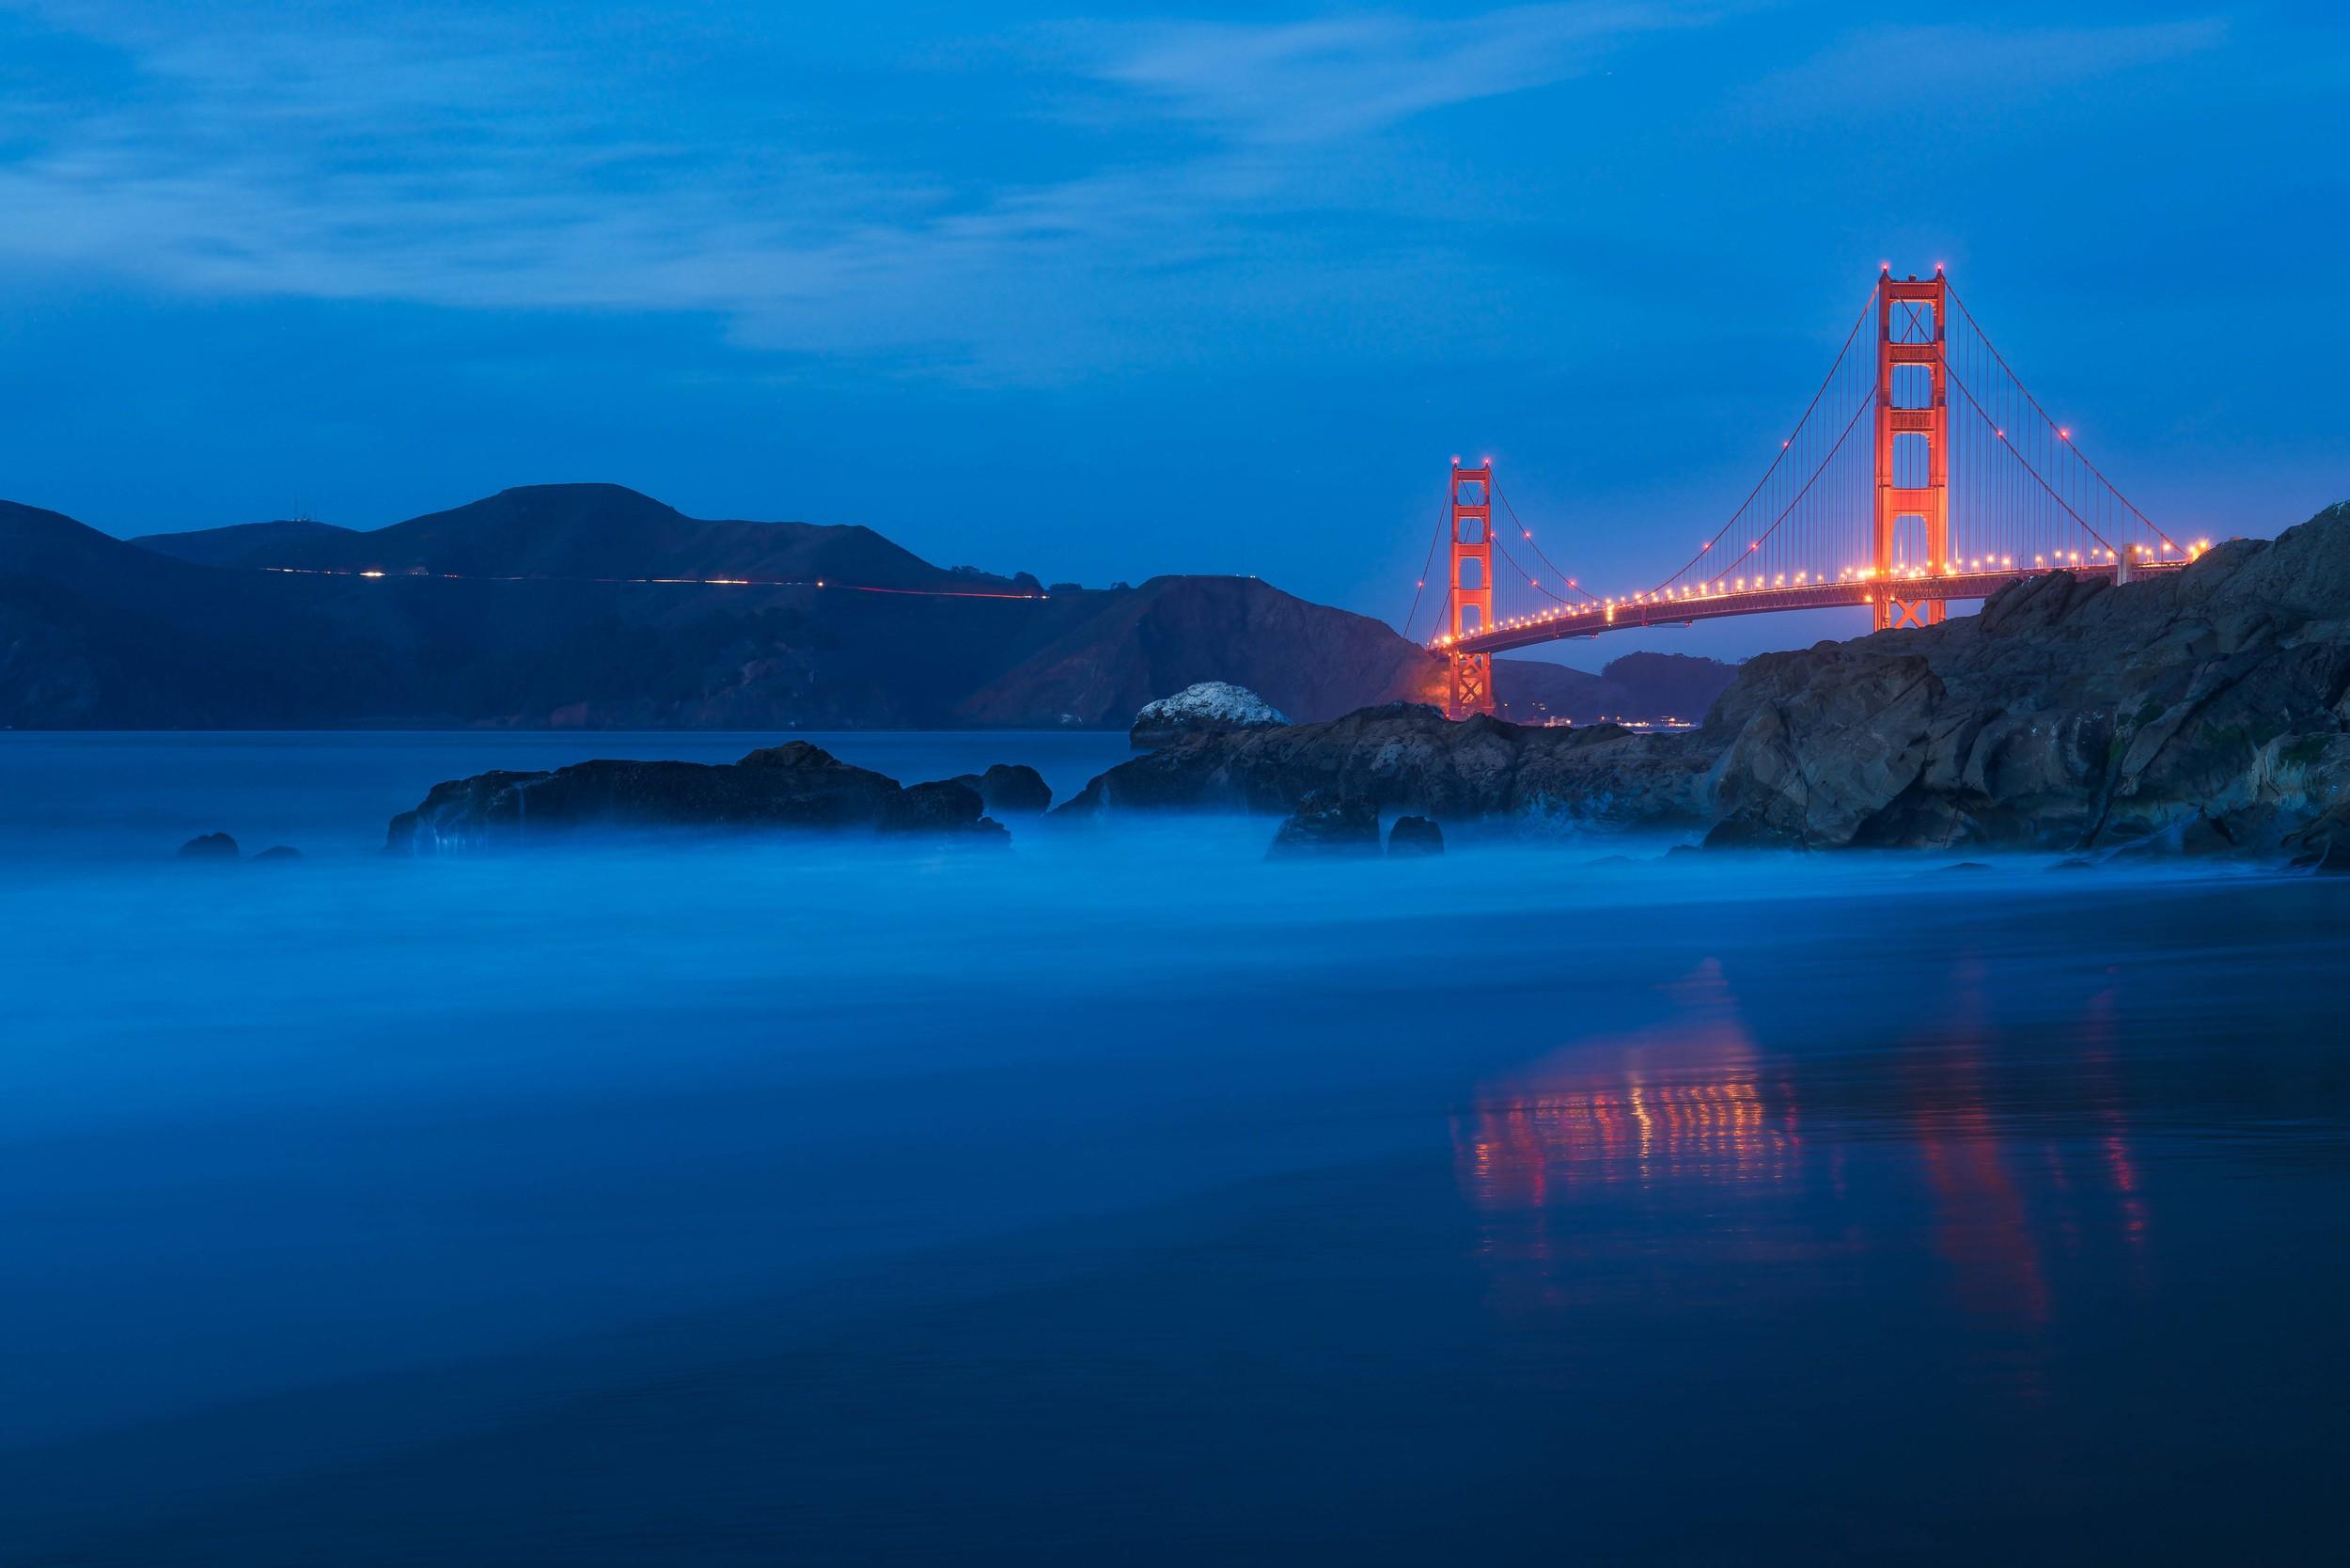 Golden Gate Bridge | San Francisco, California